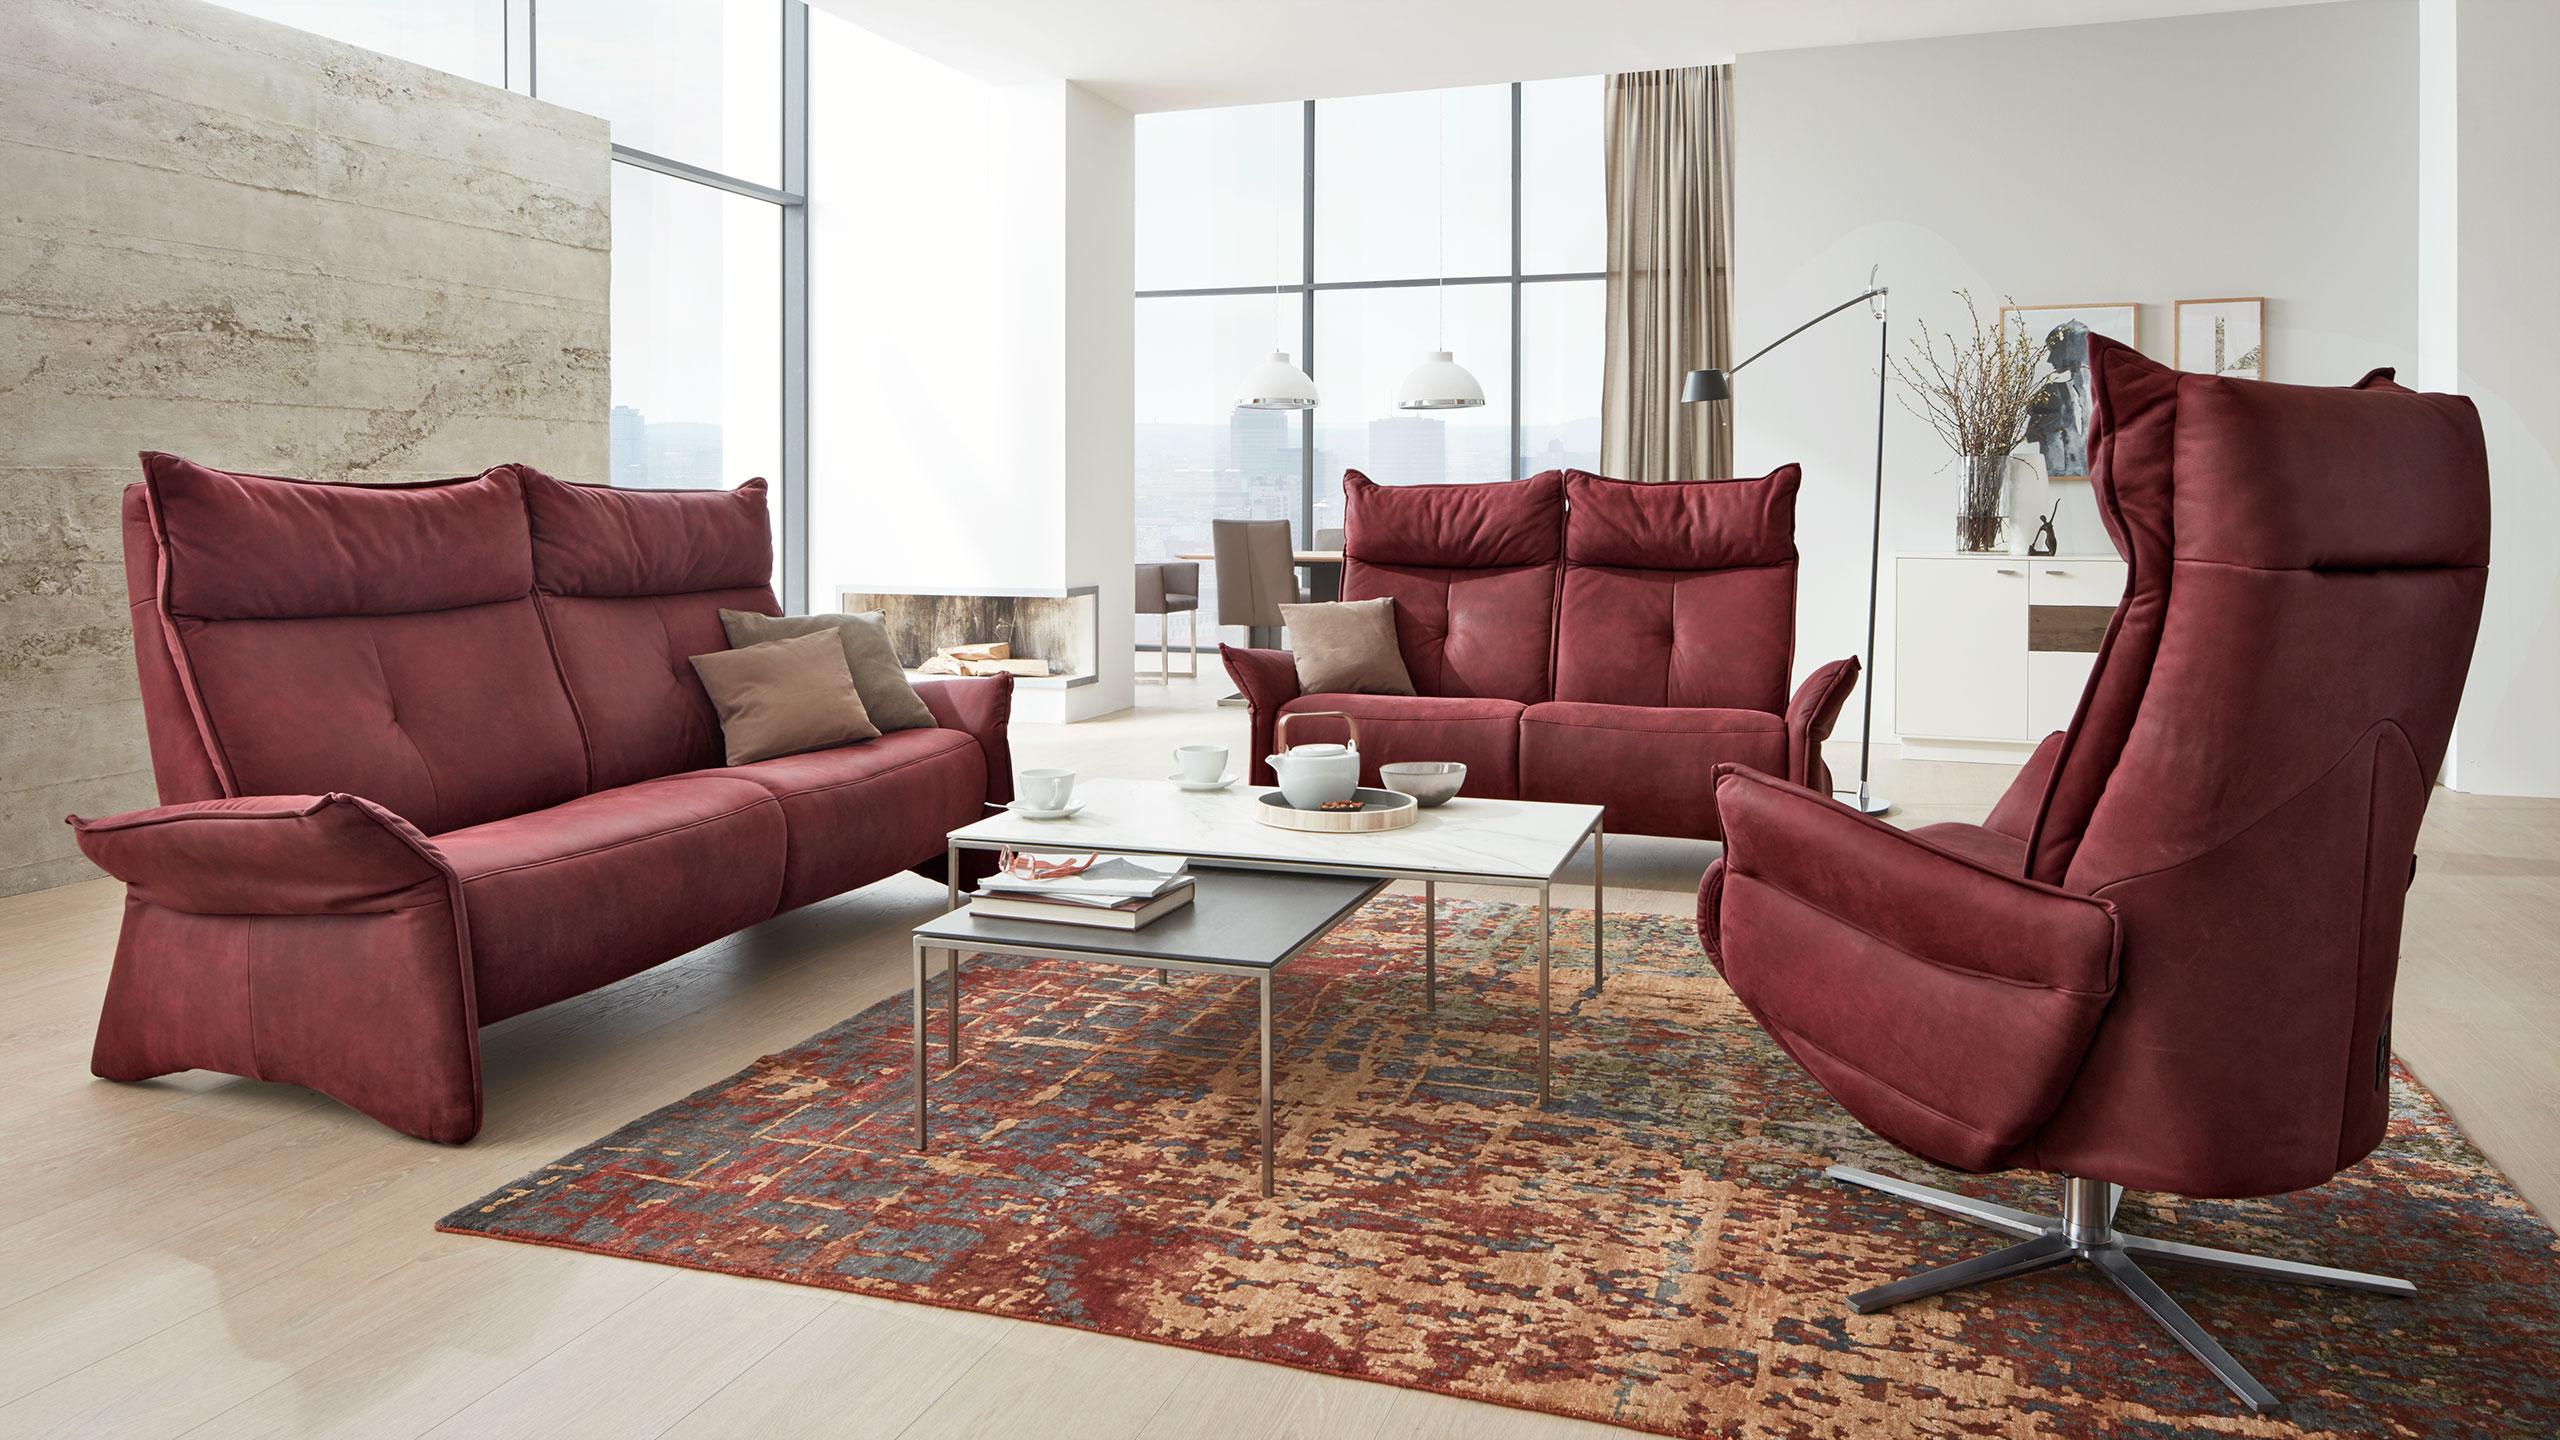 Interliving-Sofa-Serie-4200-rot-Sessel-Sofa